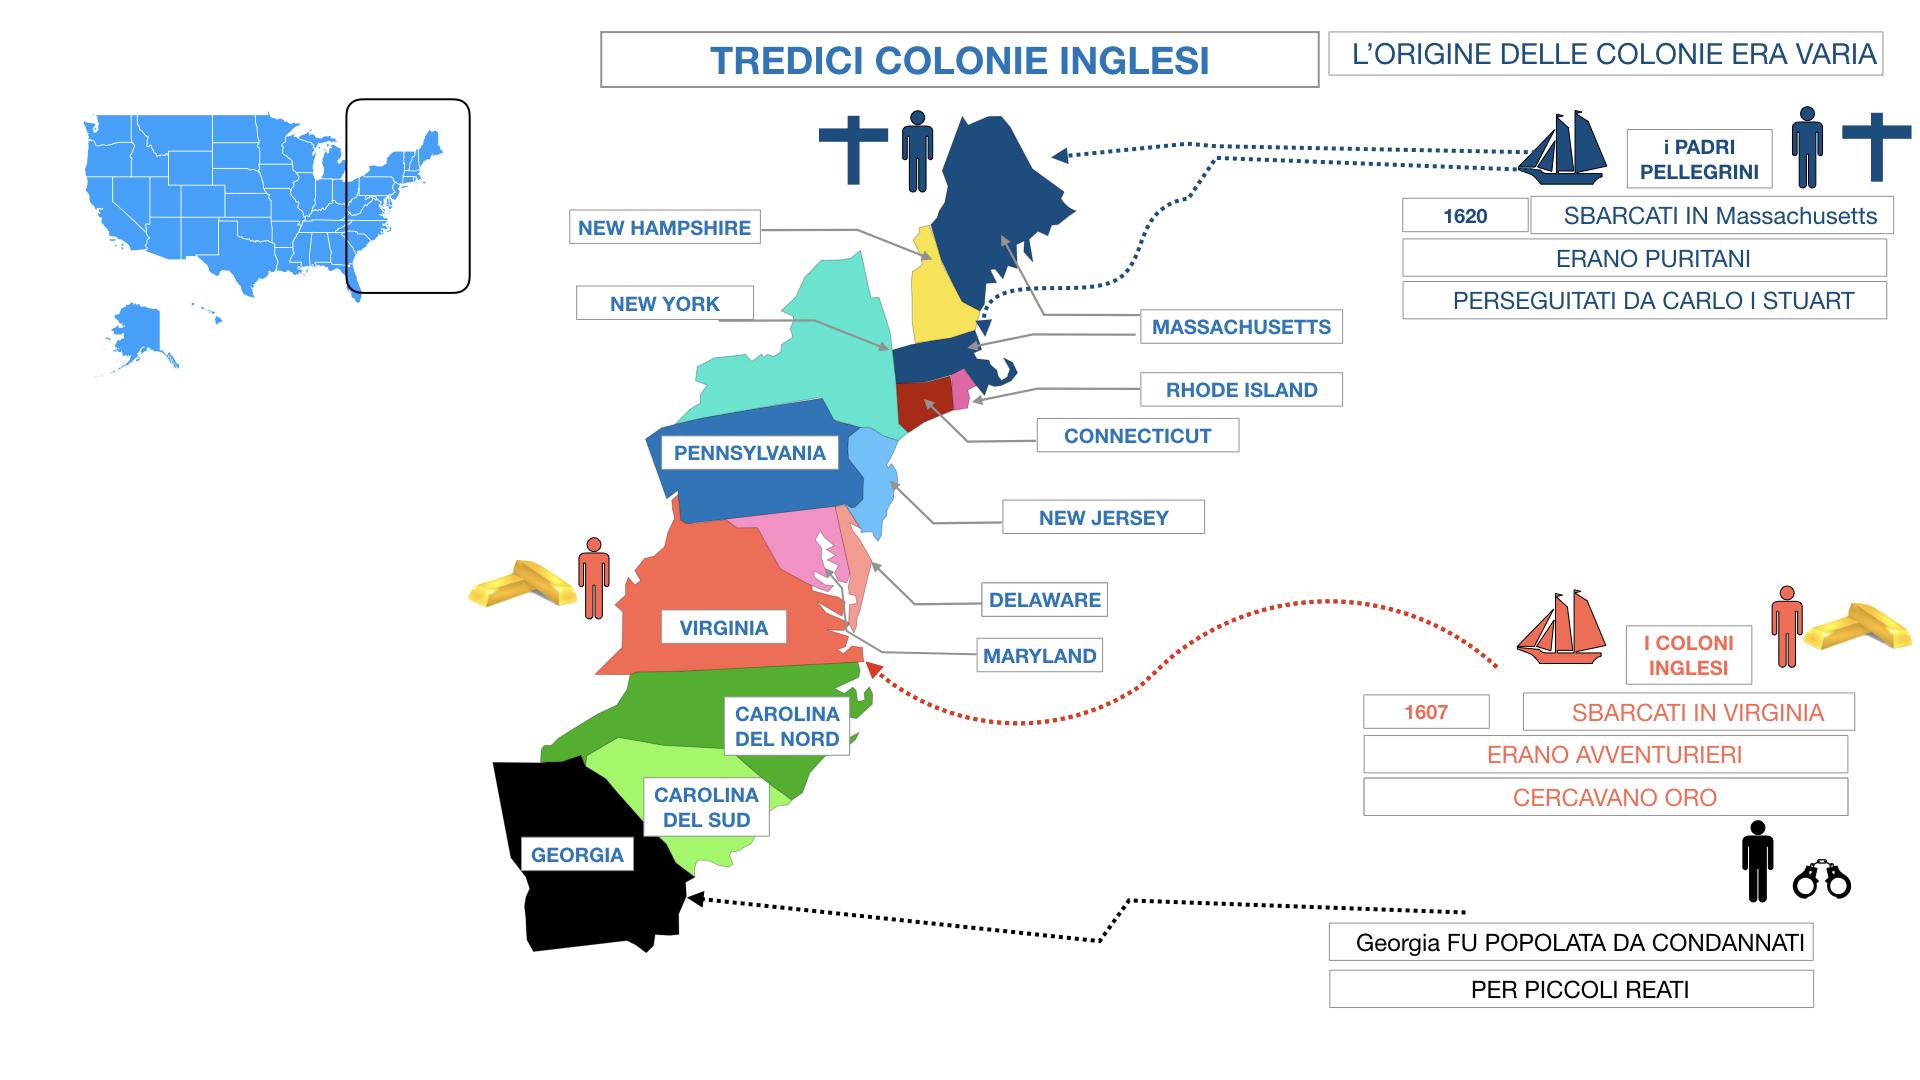 AMERICA LE TREDICI COLONIE INGLESI SIMULAZIONE.054